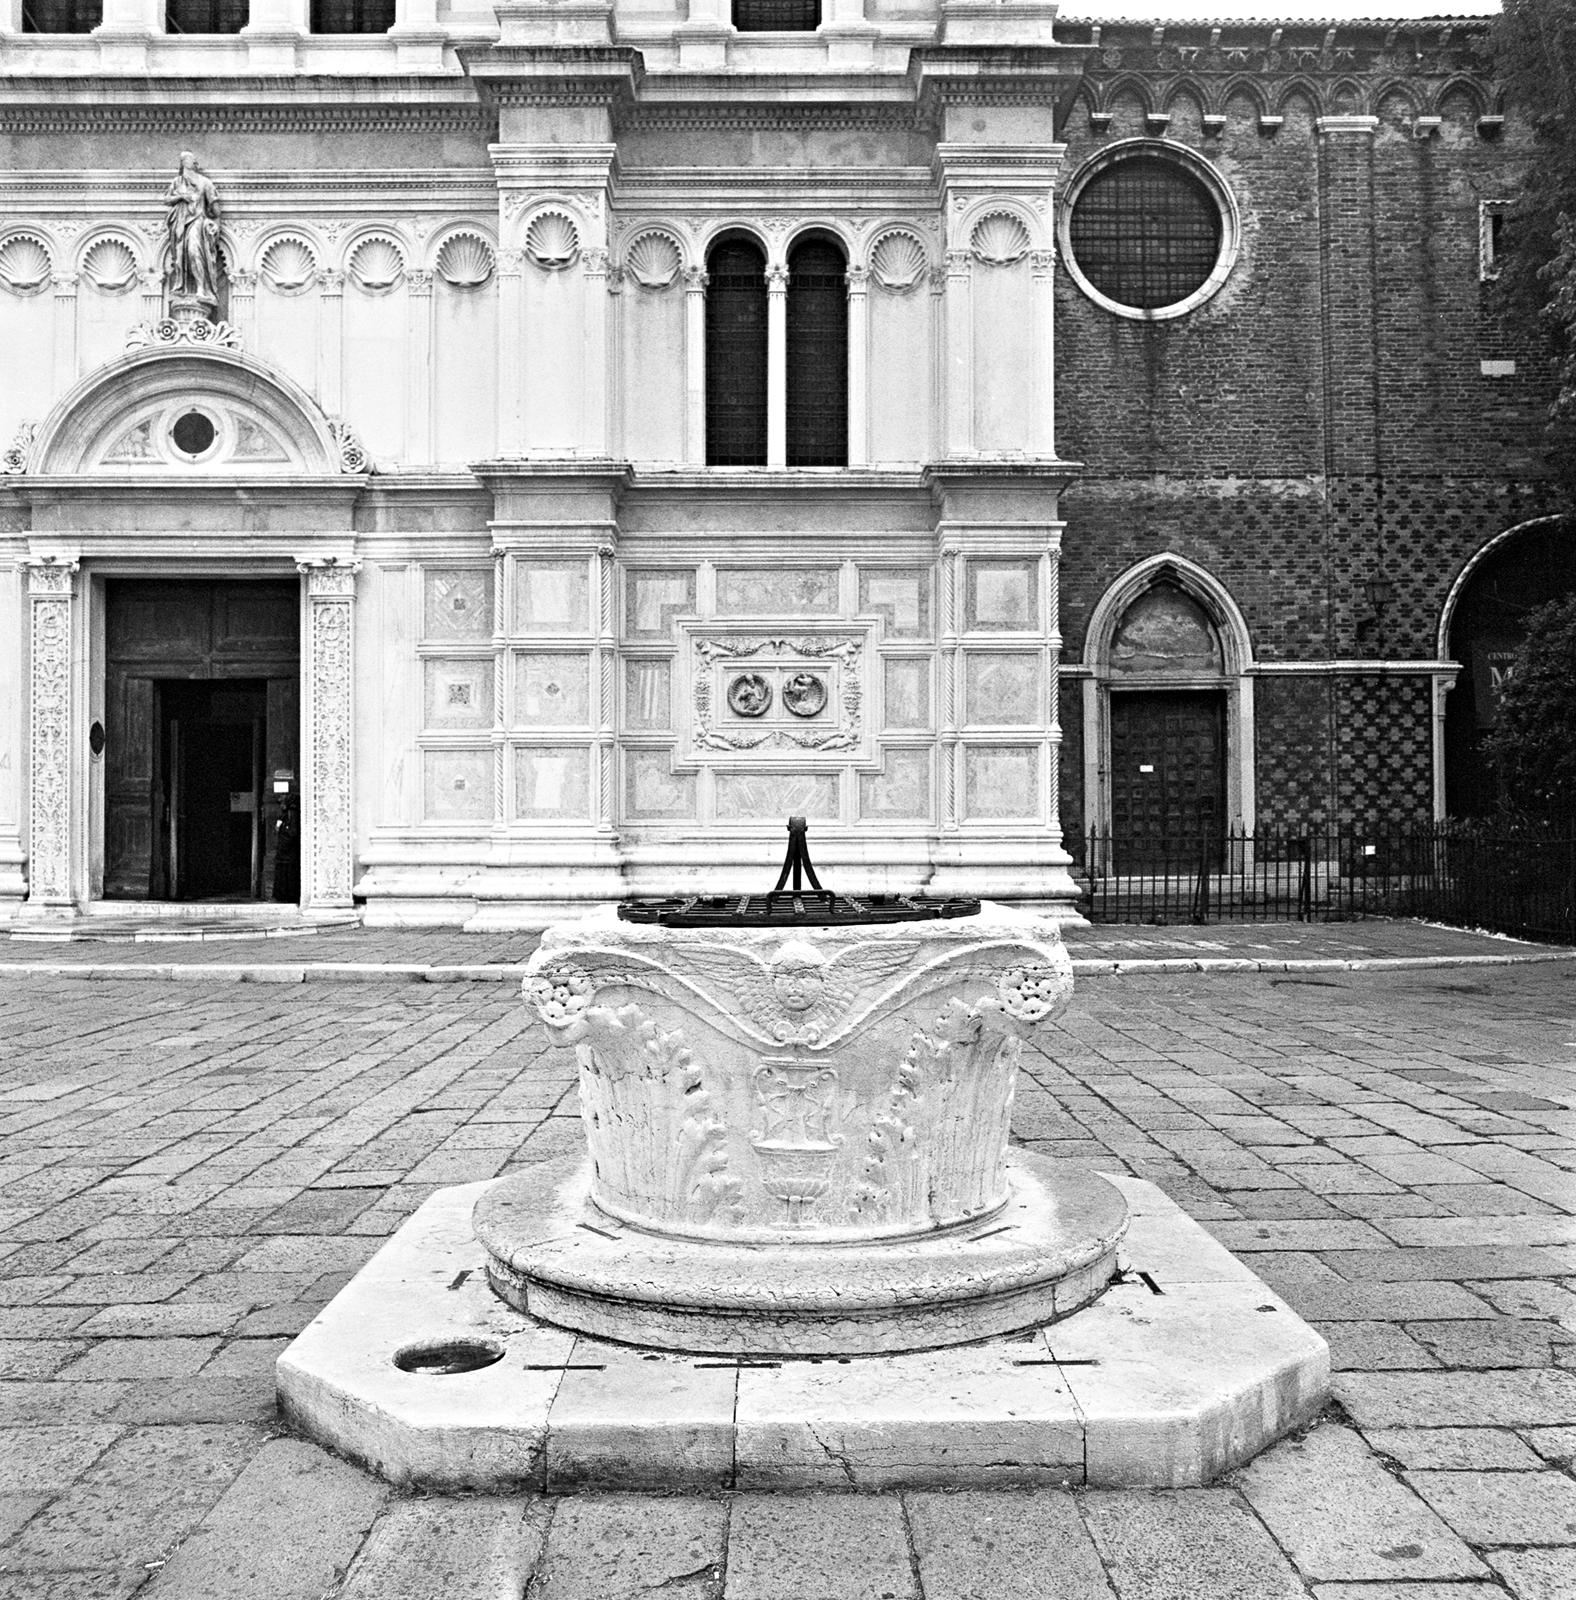 Venice-r11-011.jpg